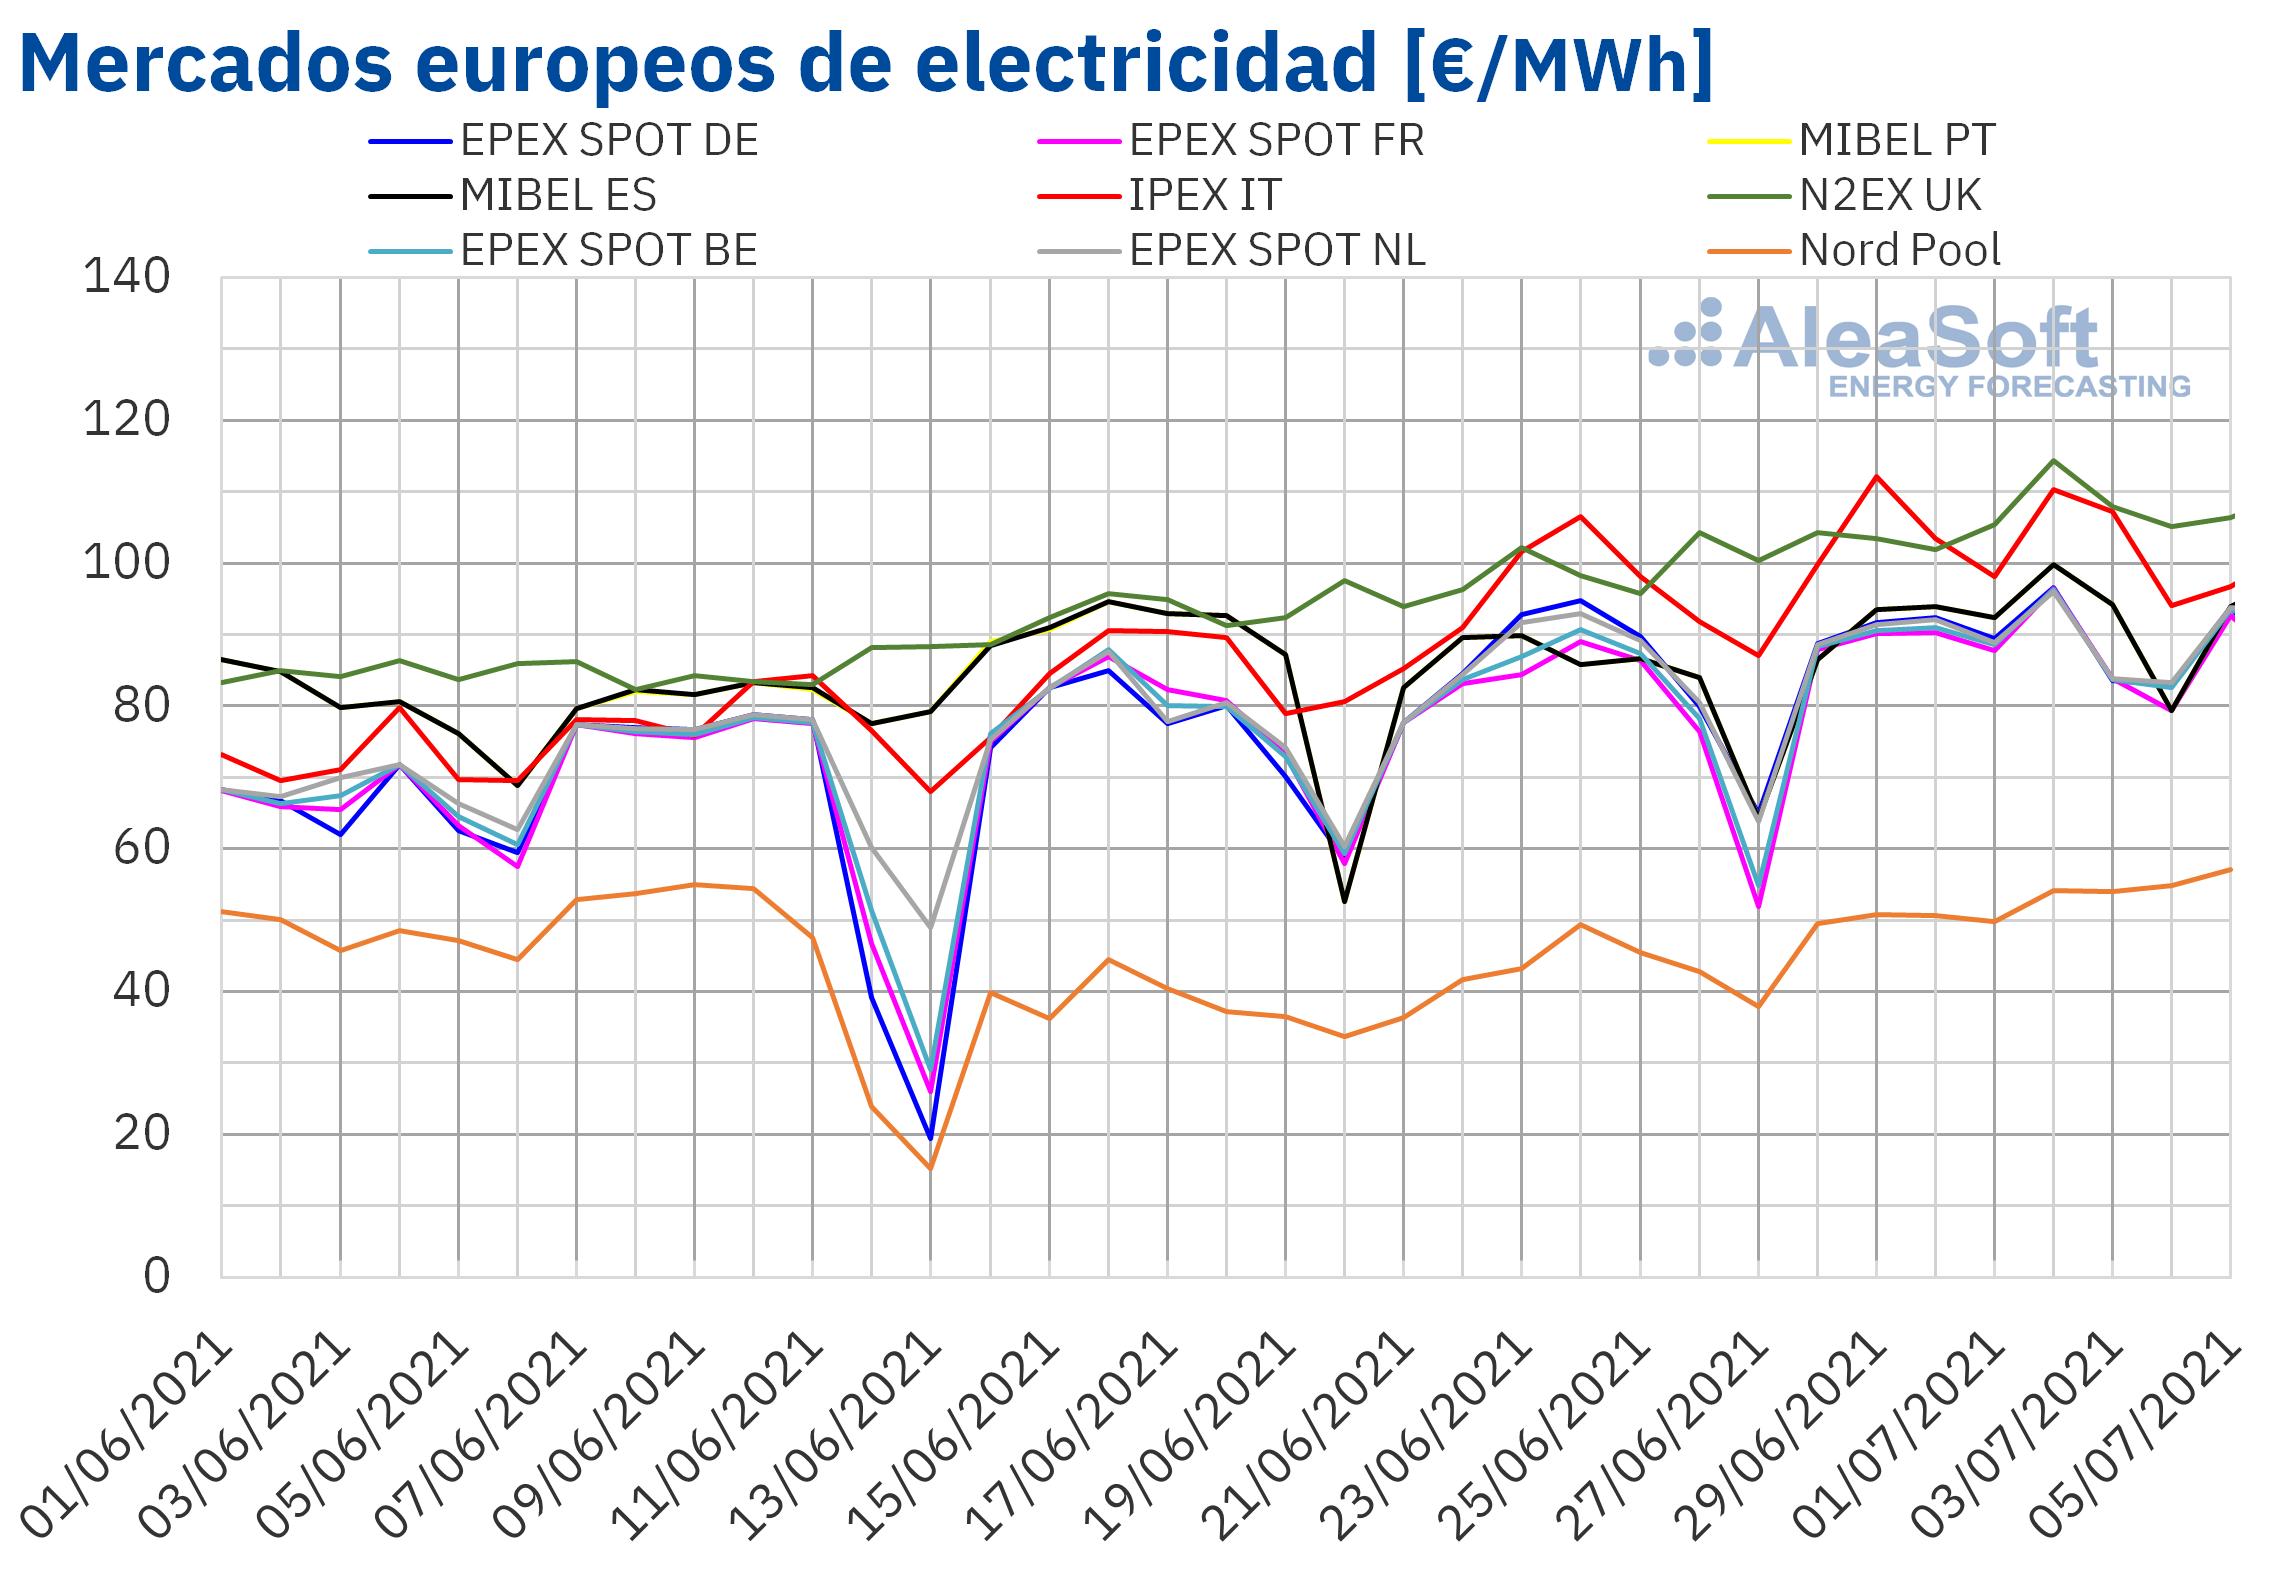 AleaSoft: Los precios de los mercados europeos, de gas y CO2 siguen subiendo y marcando máximos históricos